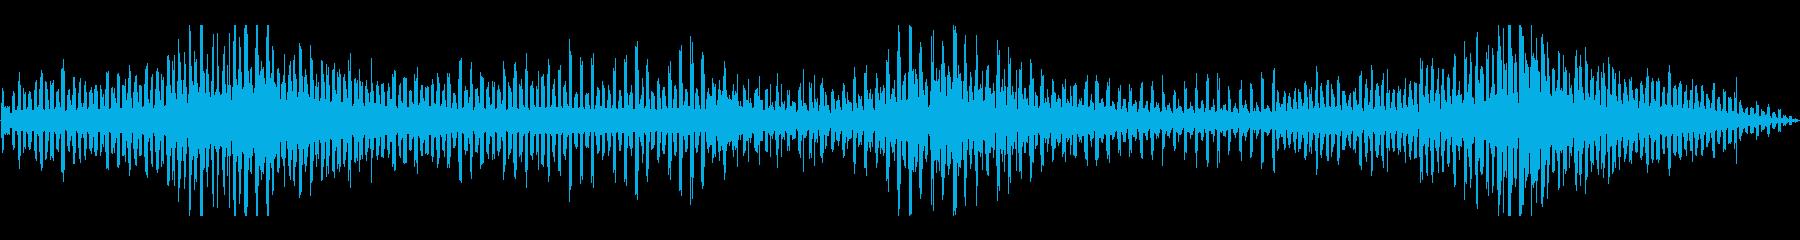 フランジ付きWHIRLYGIGの再生済みの波形